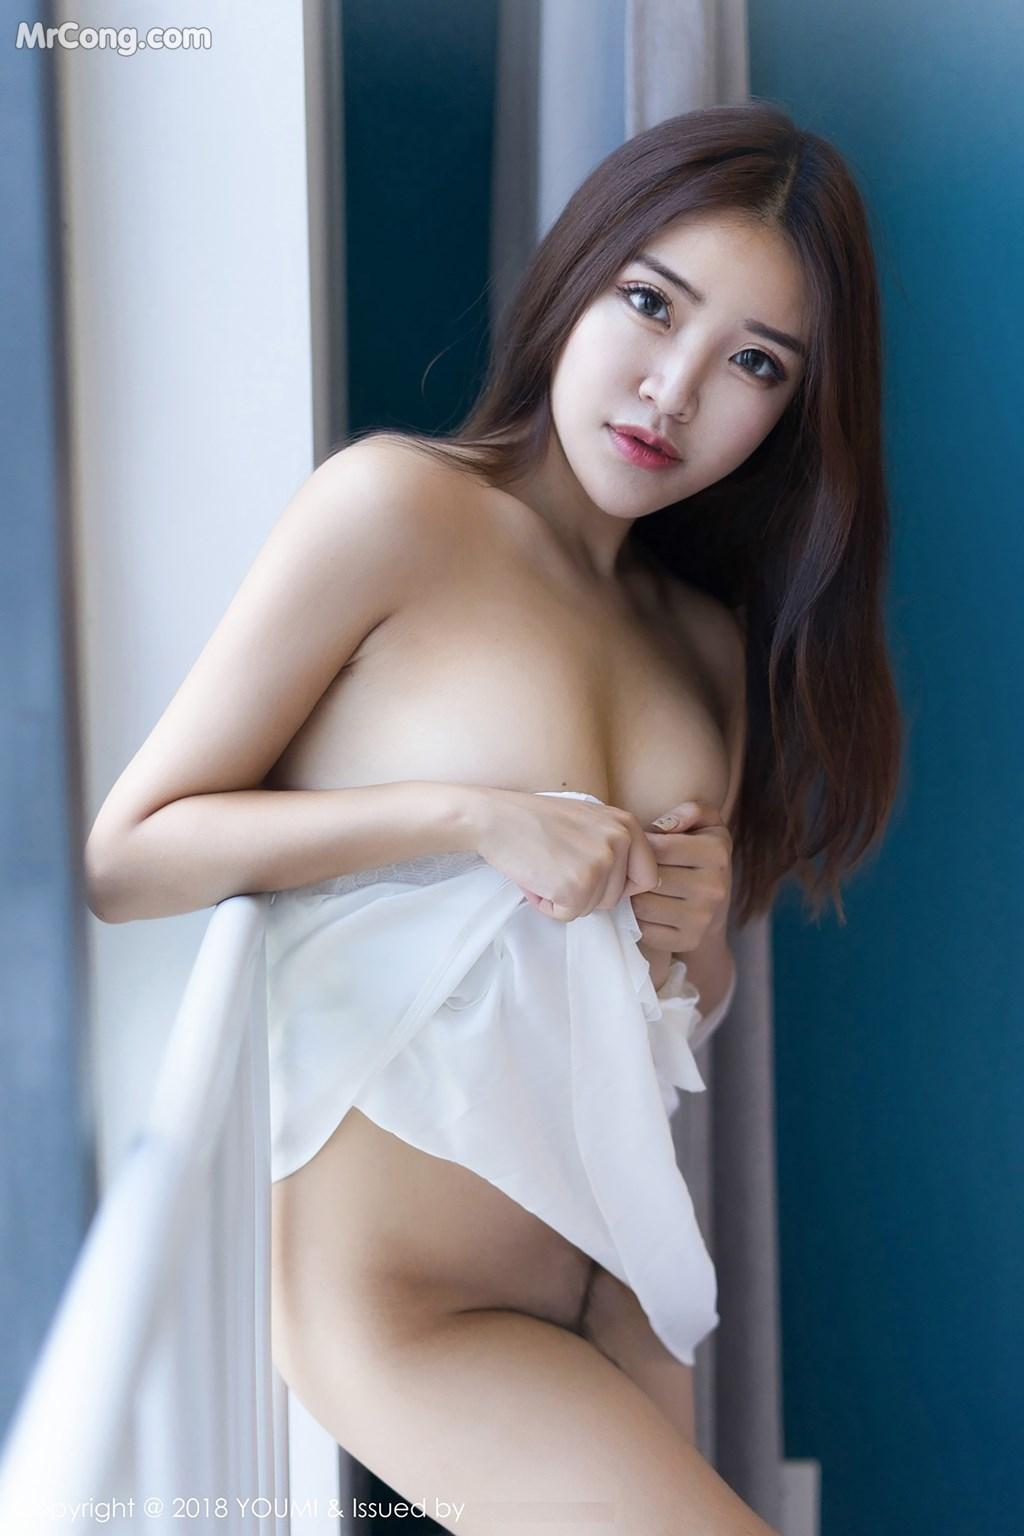 Image YouMi-Vol.232-MrCong.com-007 in post YouMi Vol.232: Người mẫu 拉菲妹妹 (45 ảnh)